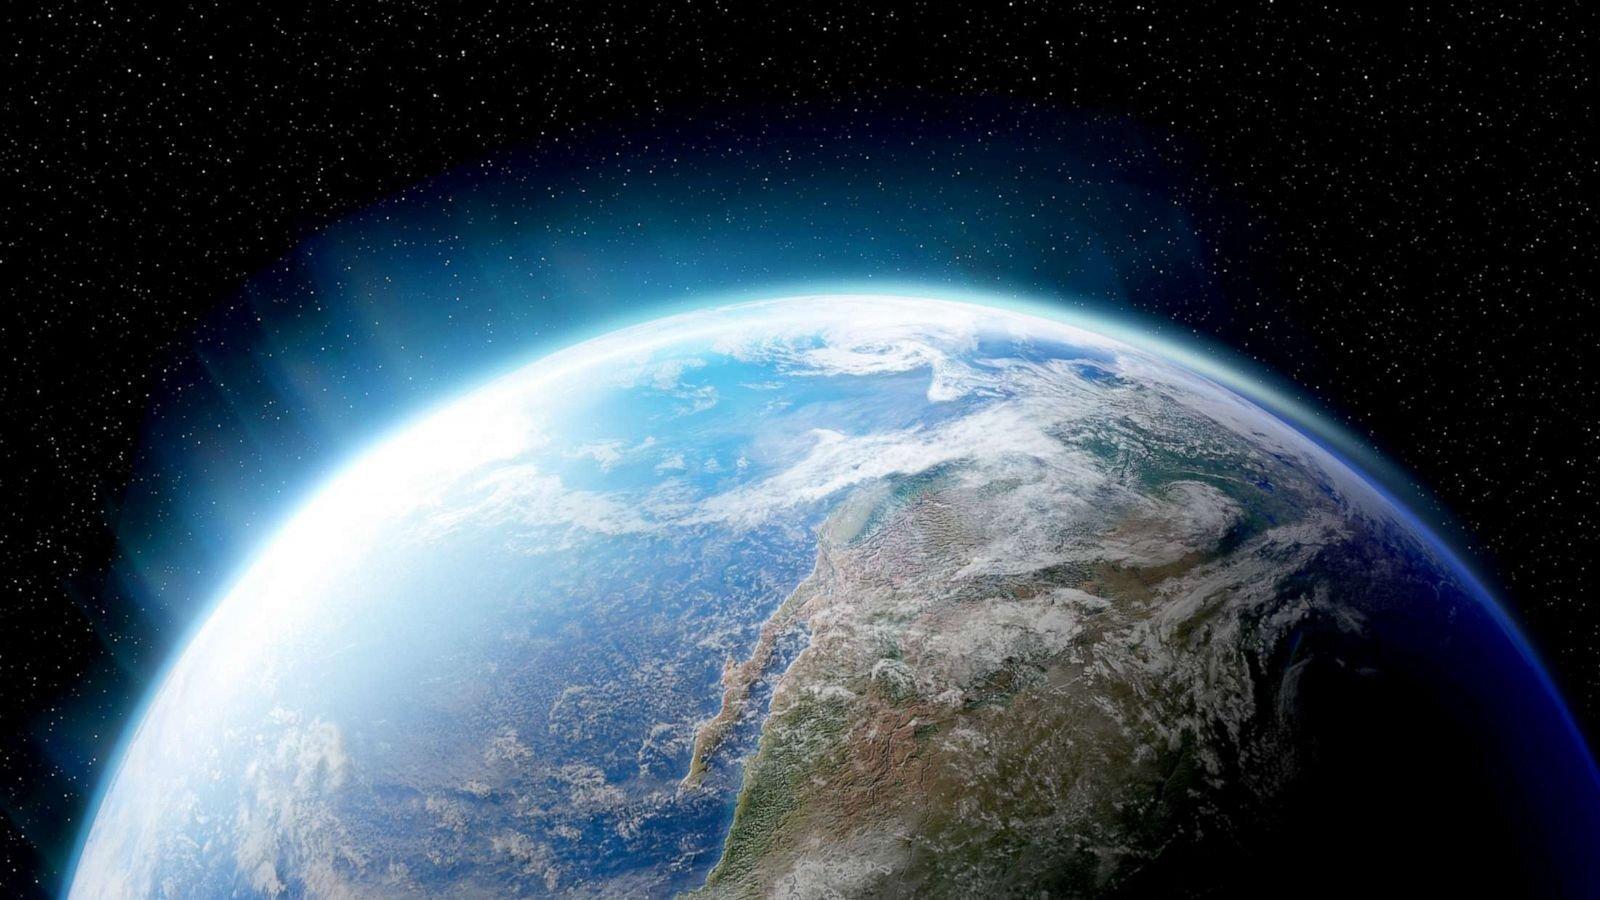 Учёные заявили, что Земля вошла в эпоху шестого массового вымирания